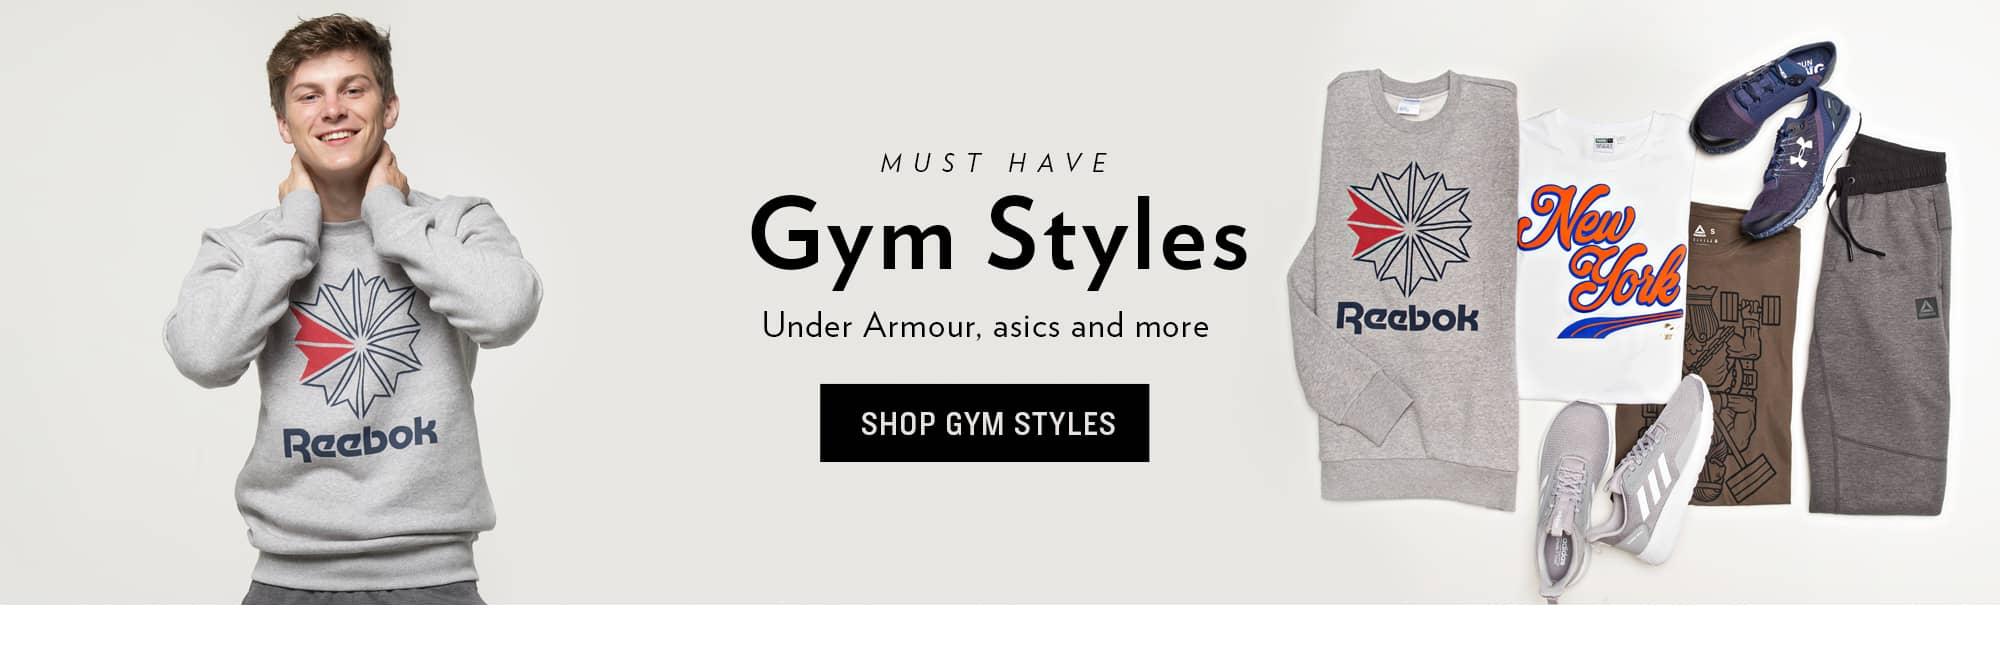 Shop Gym Styles